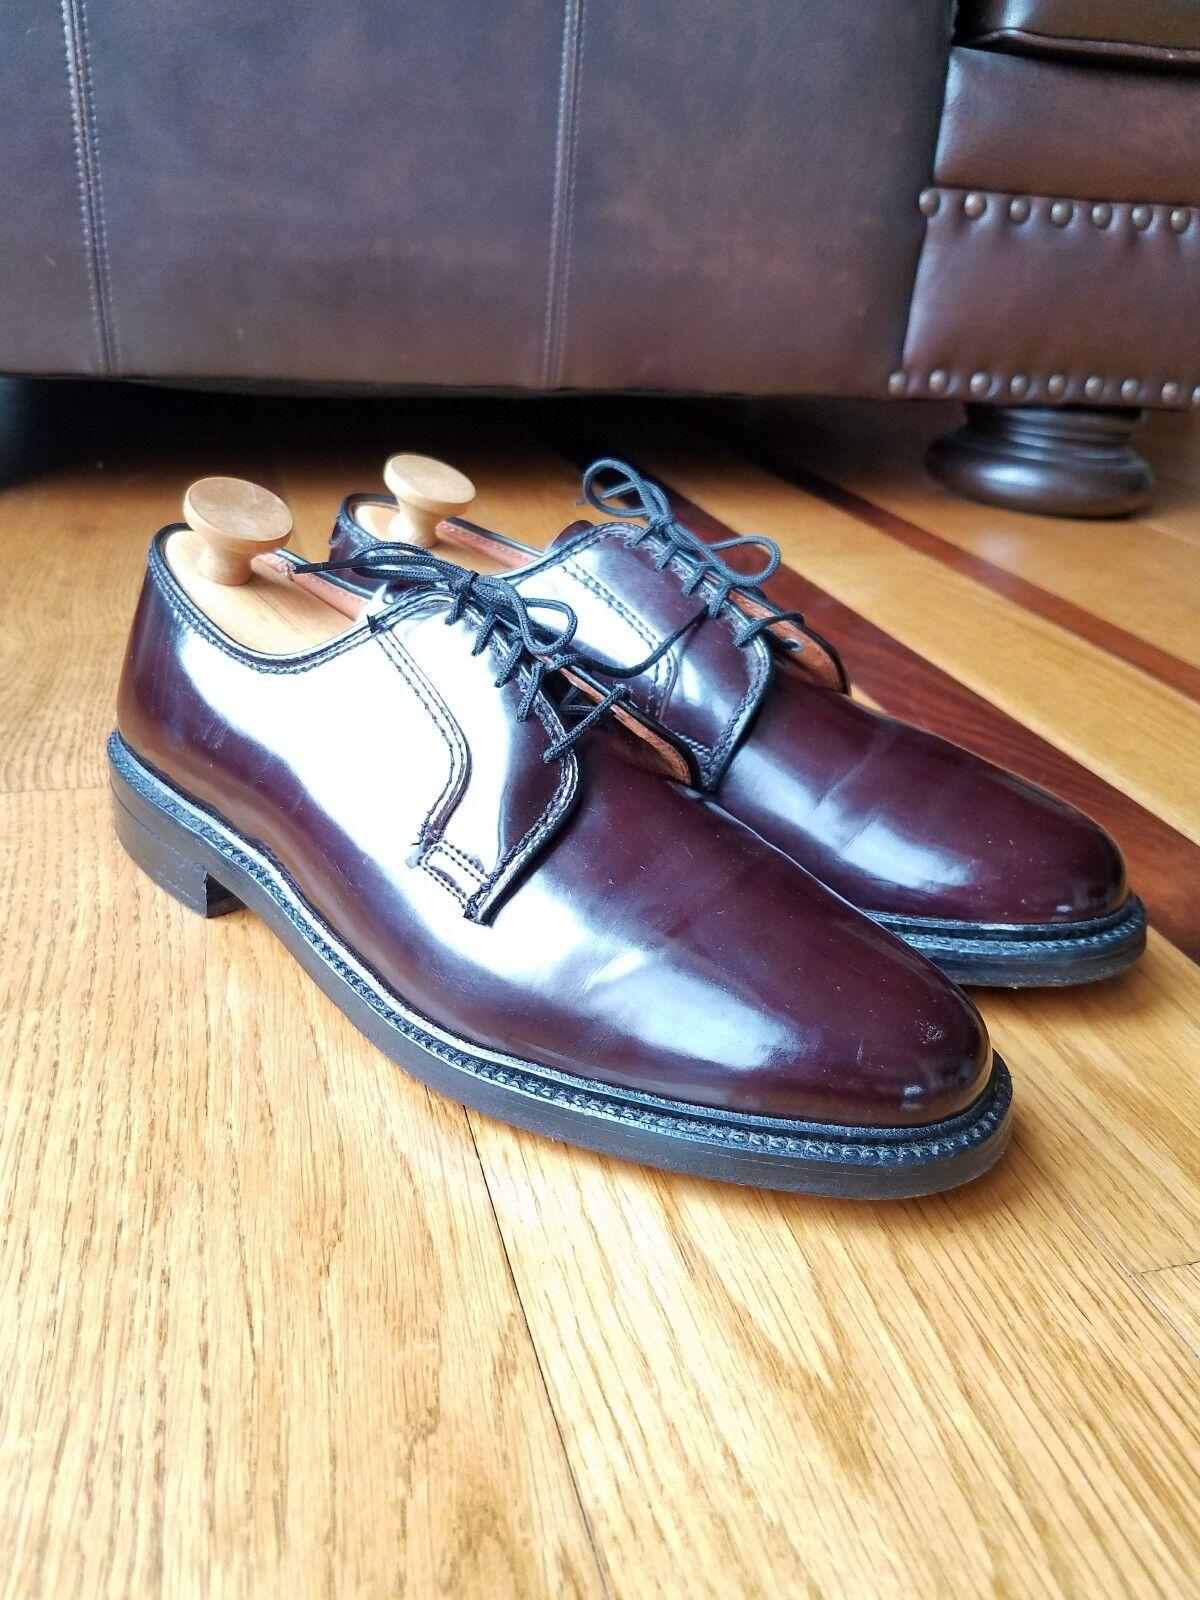 Dexter Du Pont Corfam Burgundy Oxford shoes Pgoldmeric Upper Leather Soles Sz 9D